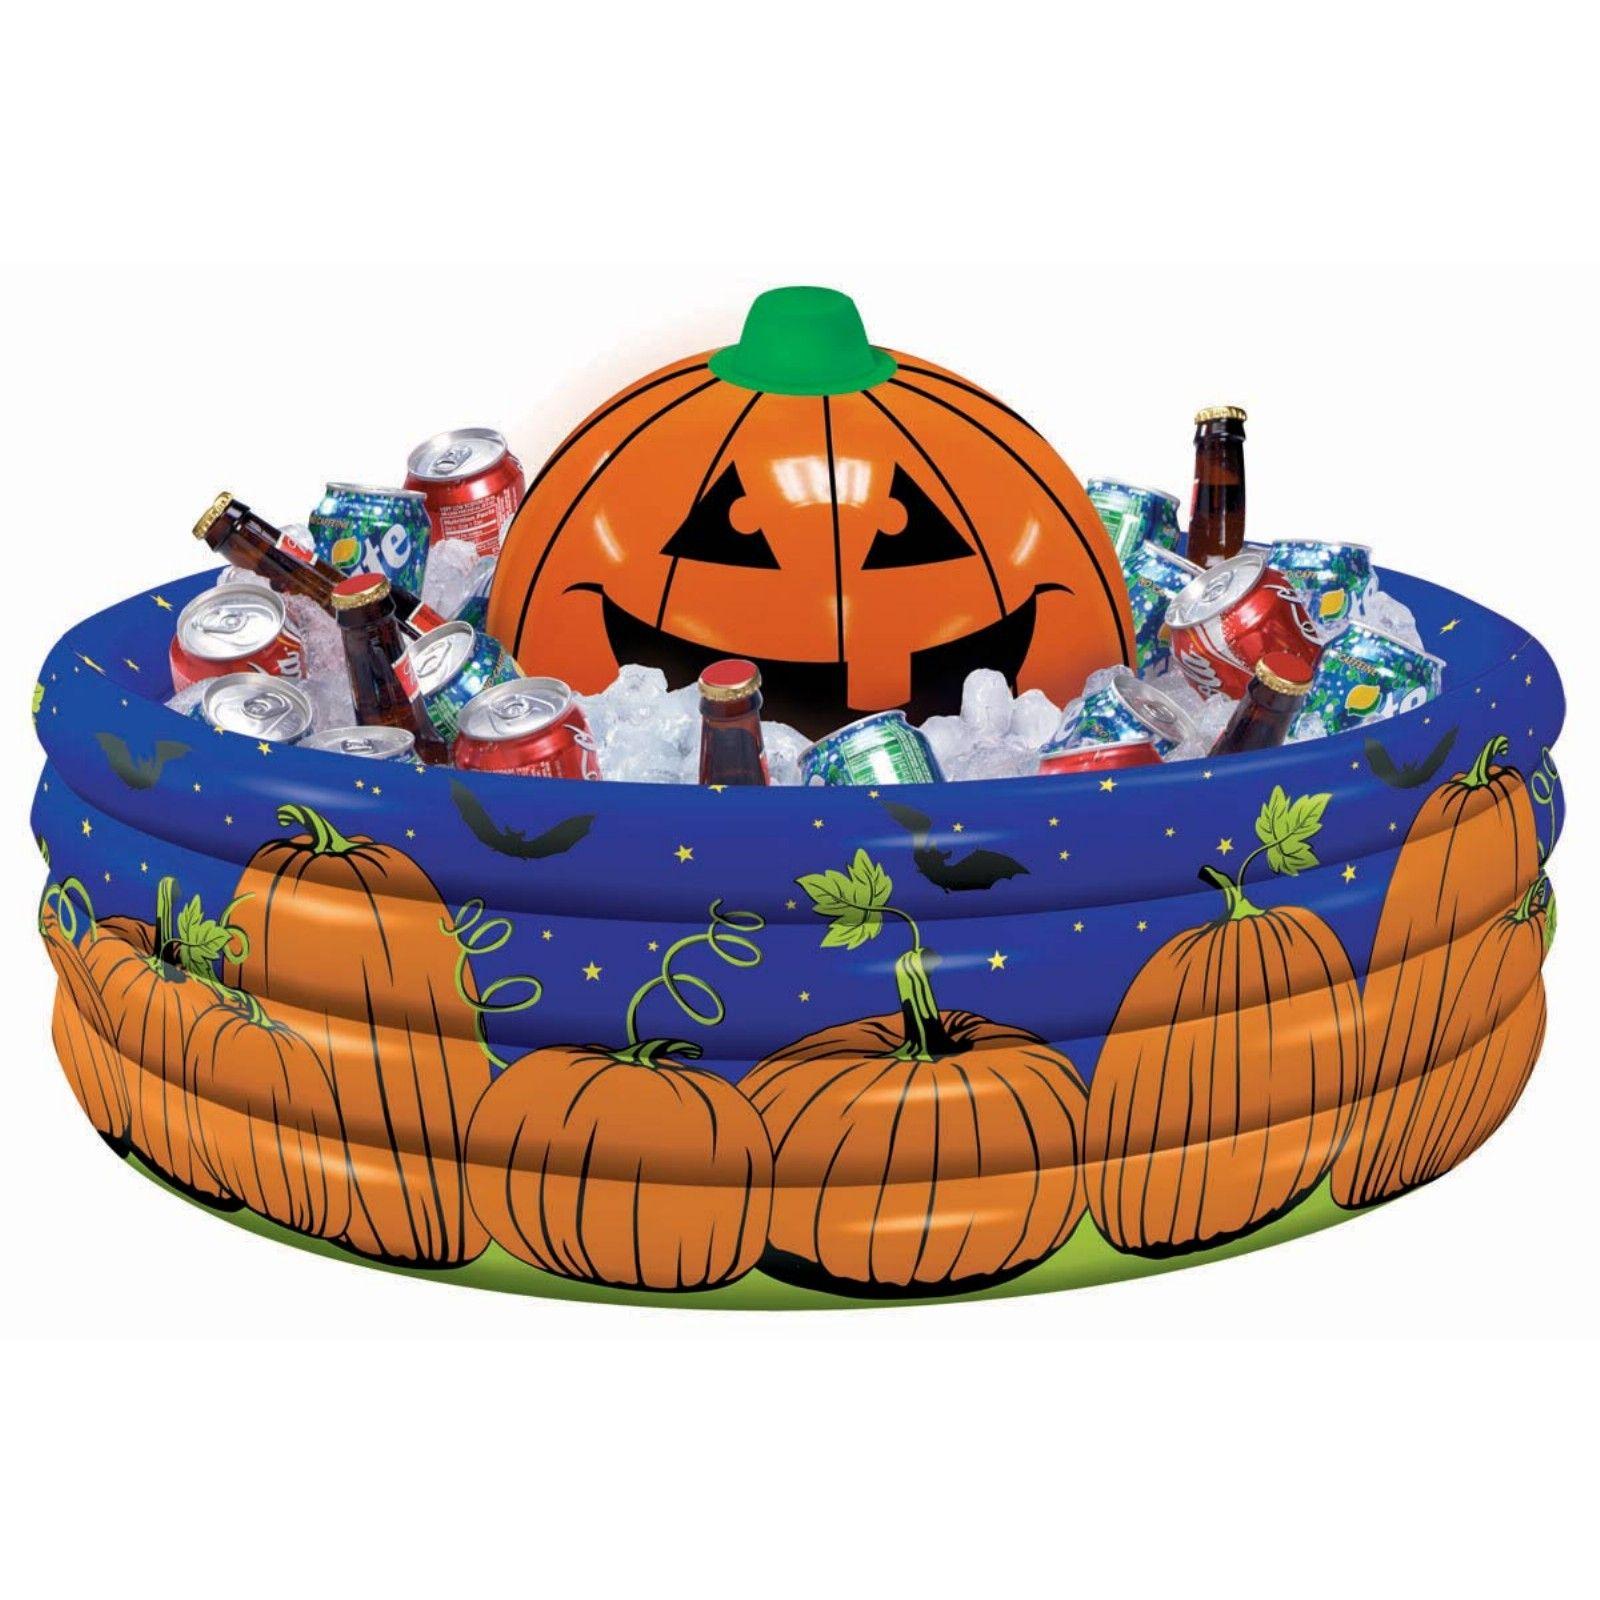 pumpkin cooler Halloween party decor, Halloween